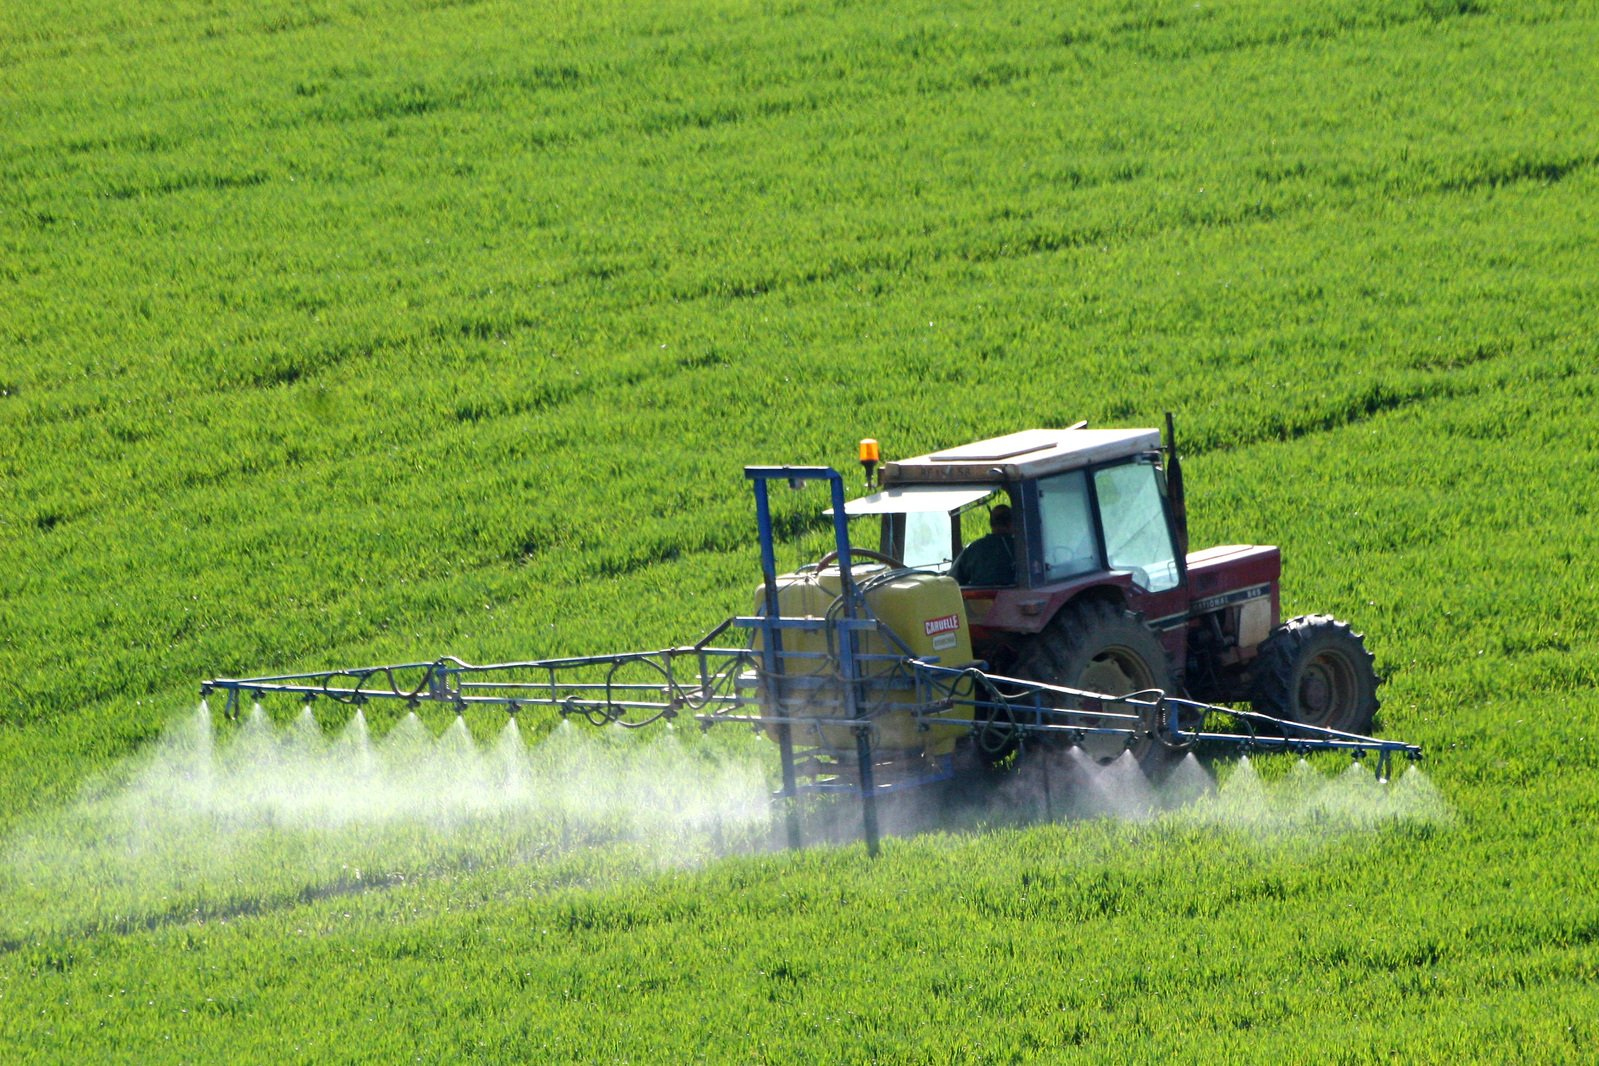 Să nu pierdem sume importante din Pilonul 2 dedicate ecoschemelor. Reducerea consumului de pesticide cu 50% si de îngrăşăminte cu cel puţin 20%. Stiri